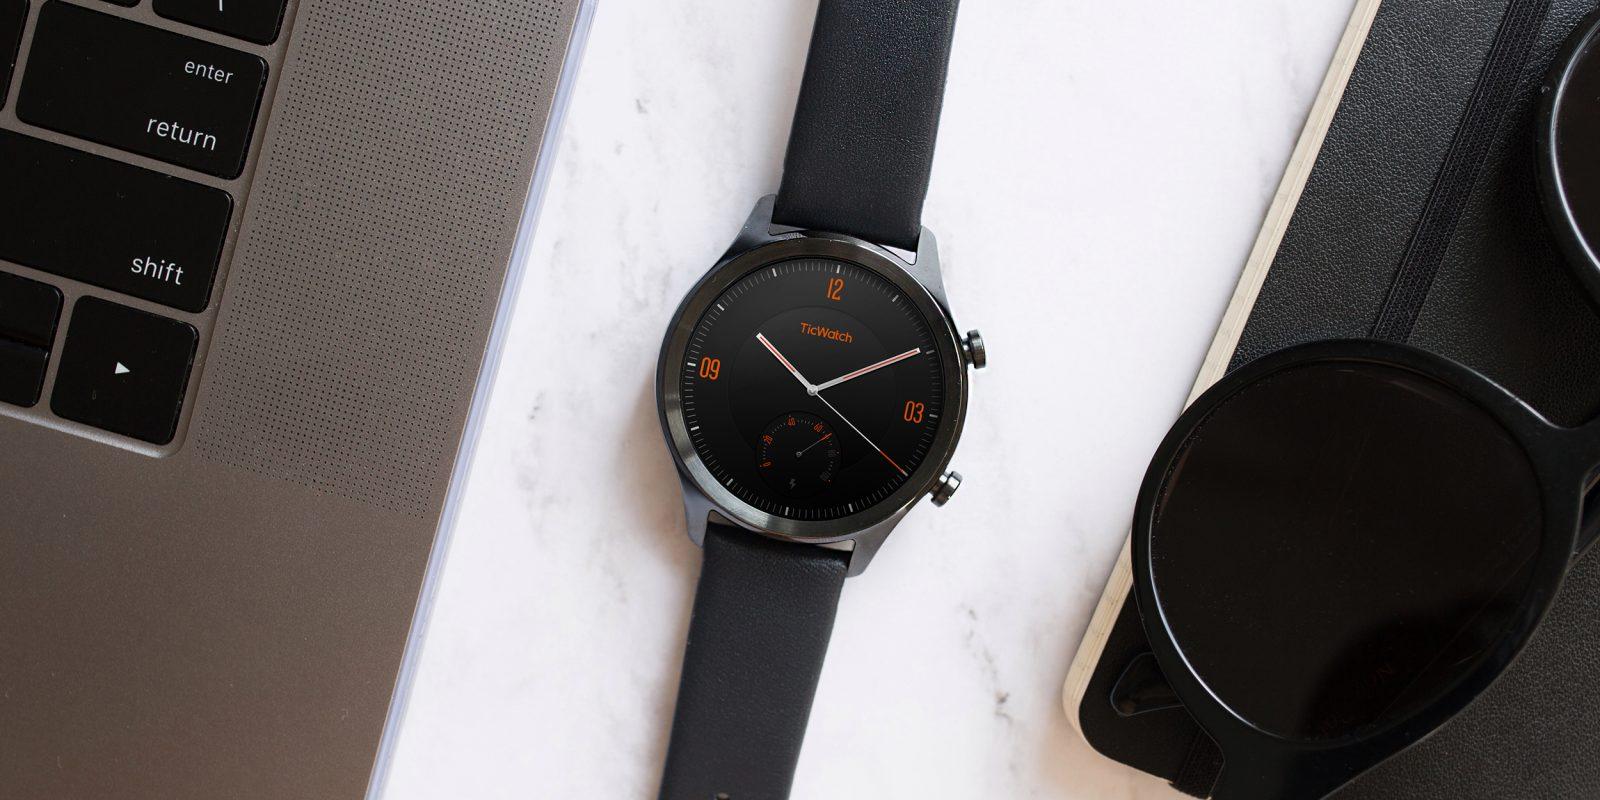 Chytré hodinky Ticwatch C2 s Waer OS za nižší cenu! [sponzorovaný článek]